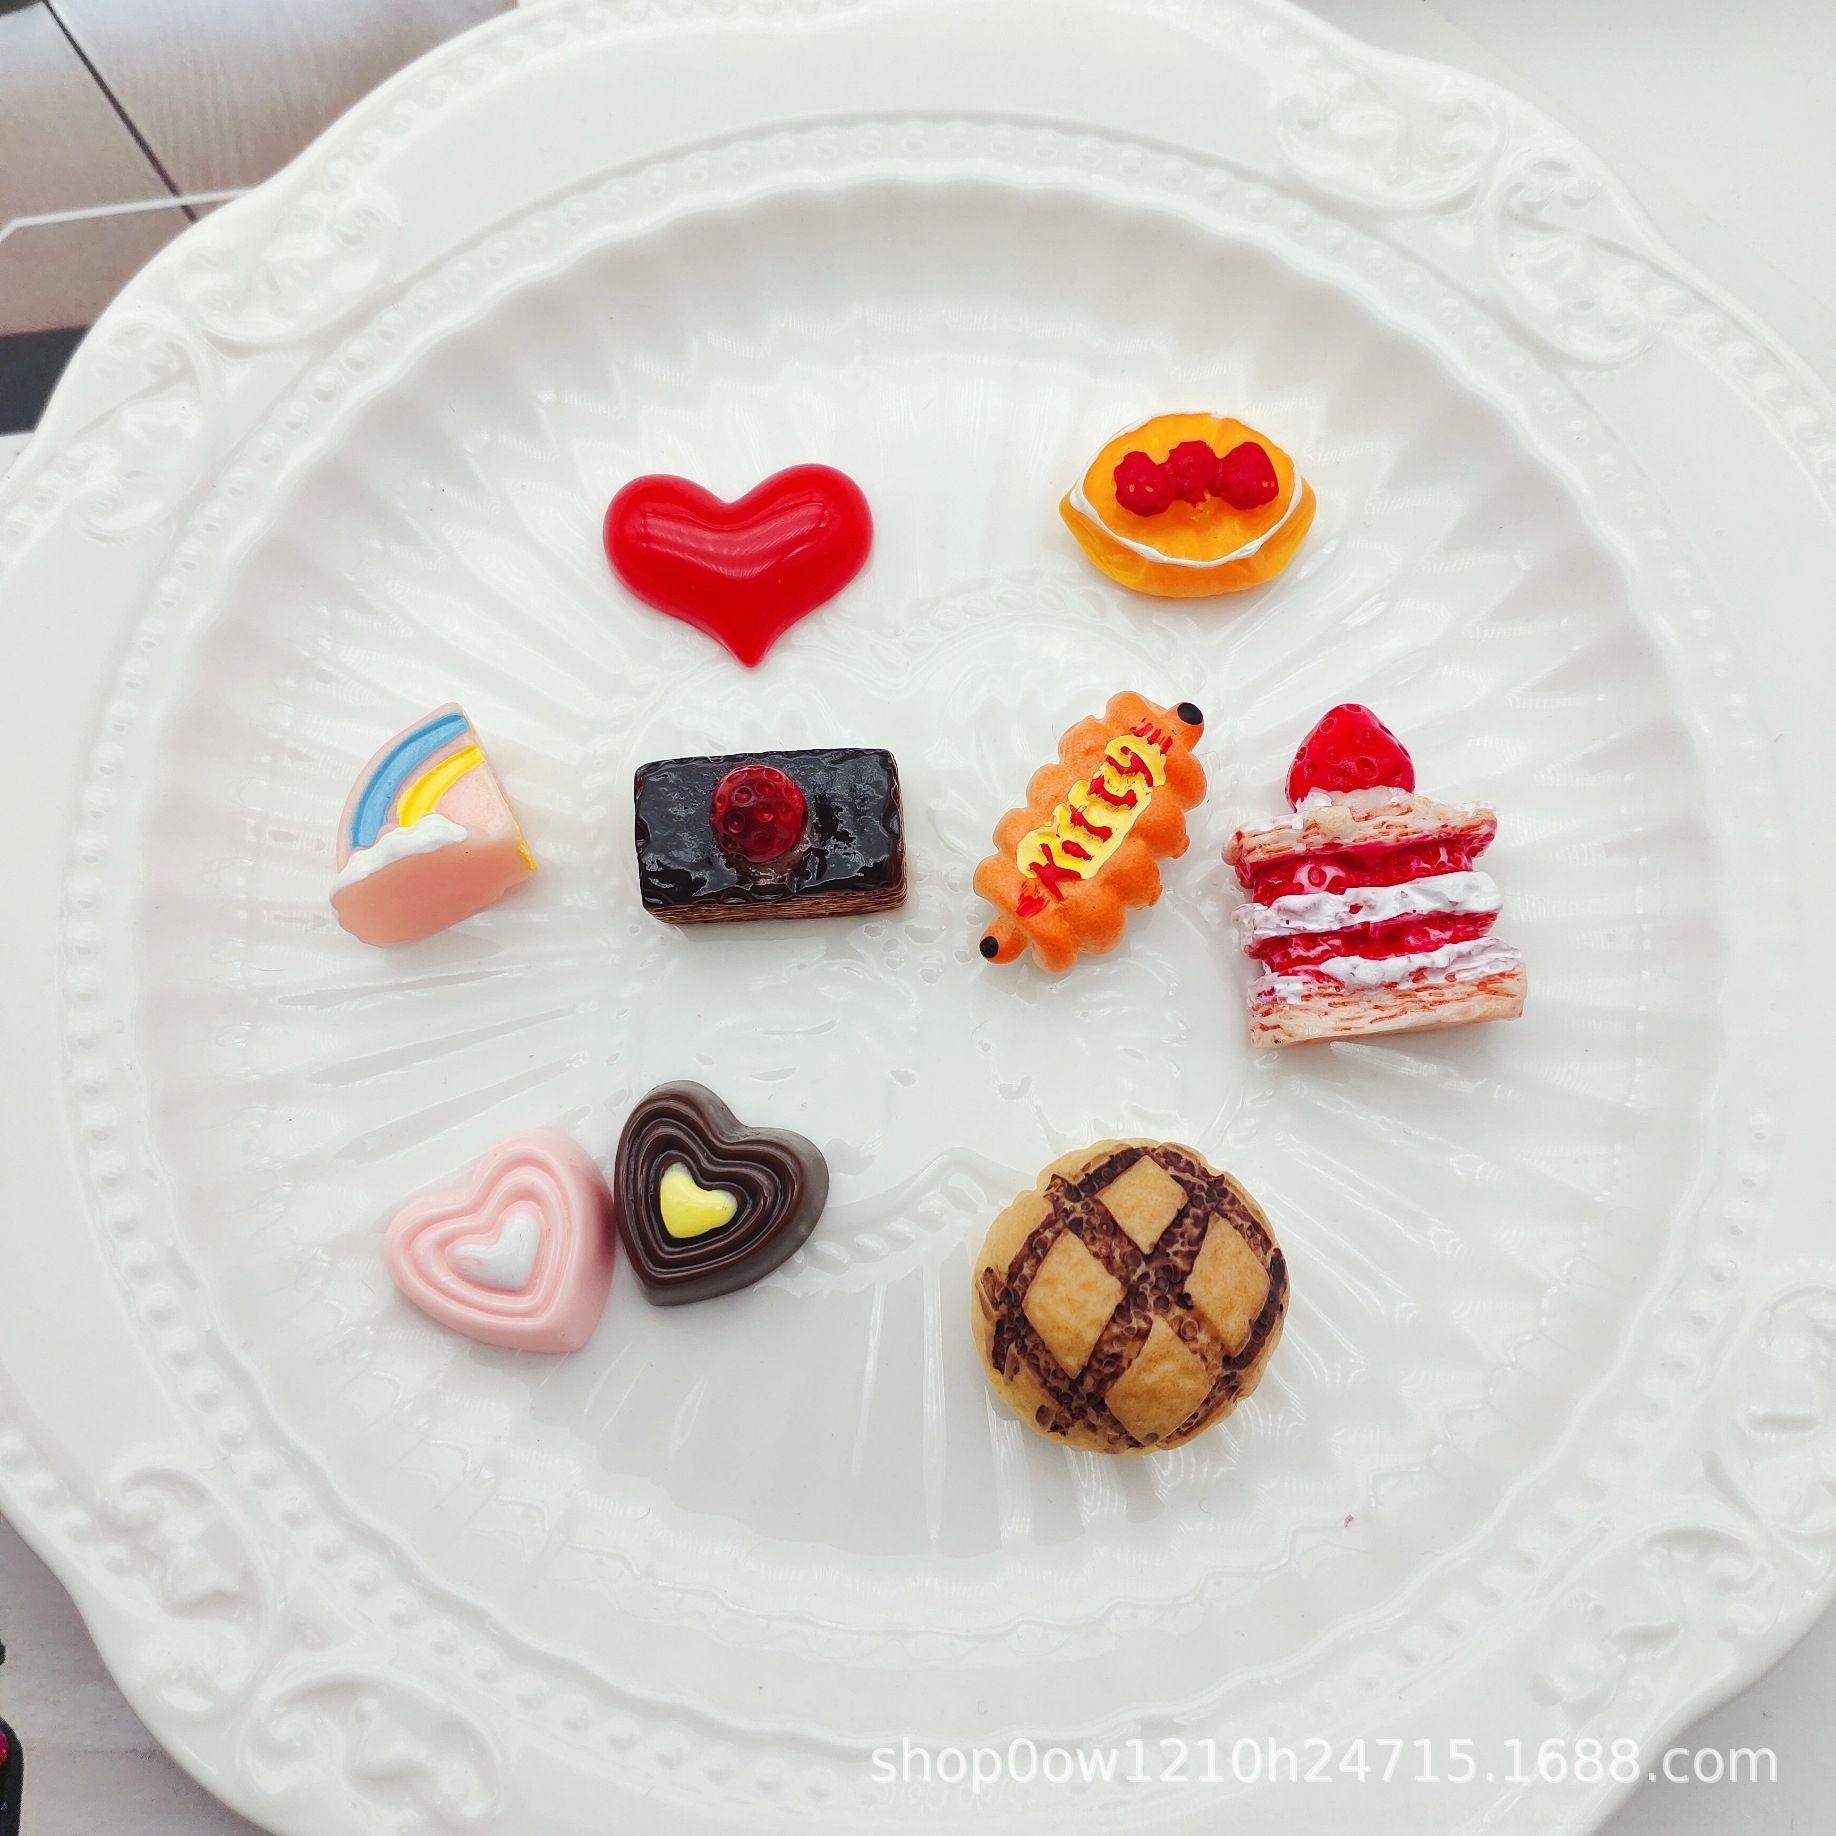 pêssego coração bolo de simulação de resina pão alimentos e DIY acessórios beleza jogo acessórios DIY telemóvel materiais shell beleza